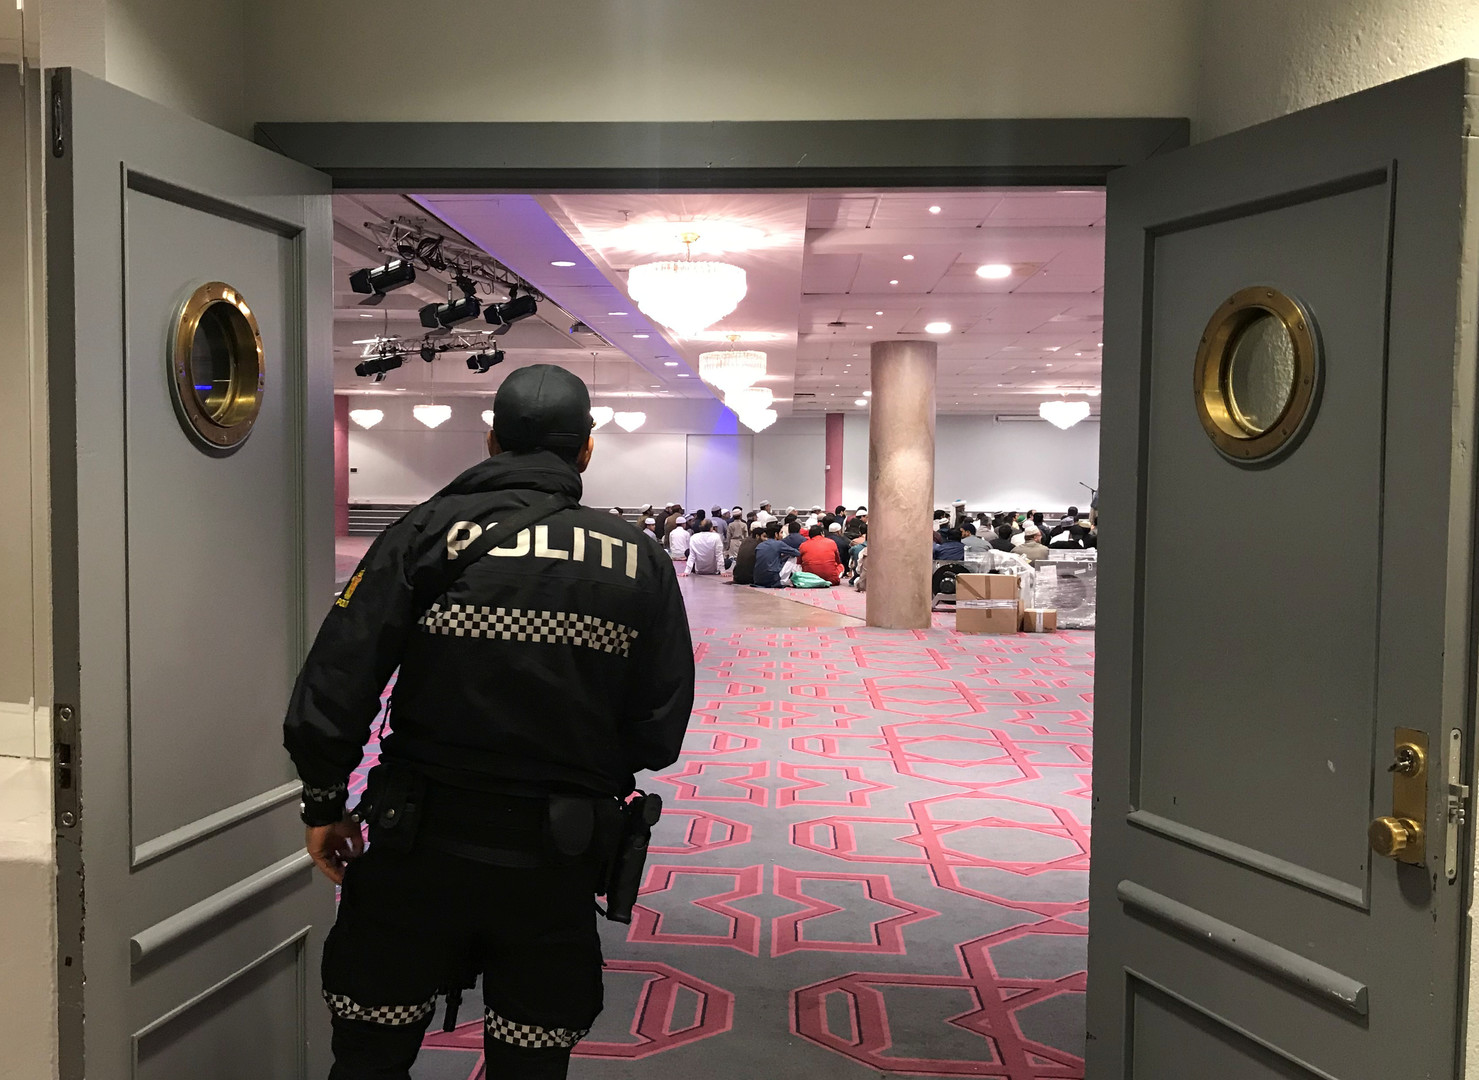 تفاصيل مثيرة وتطورات مفاجئة في قضية إطلاق النار داخل مسجد في النرويج